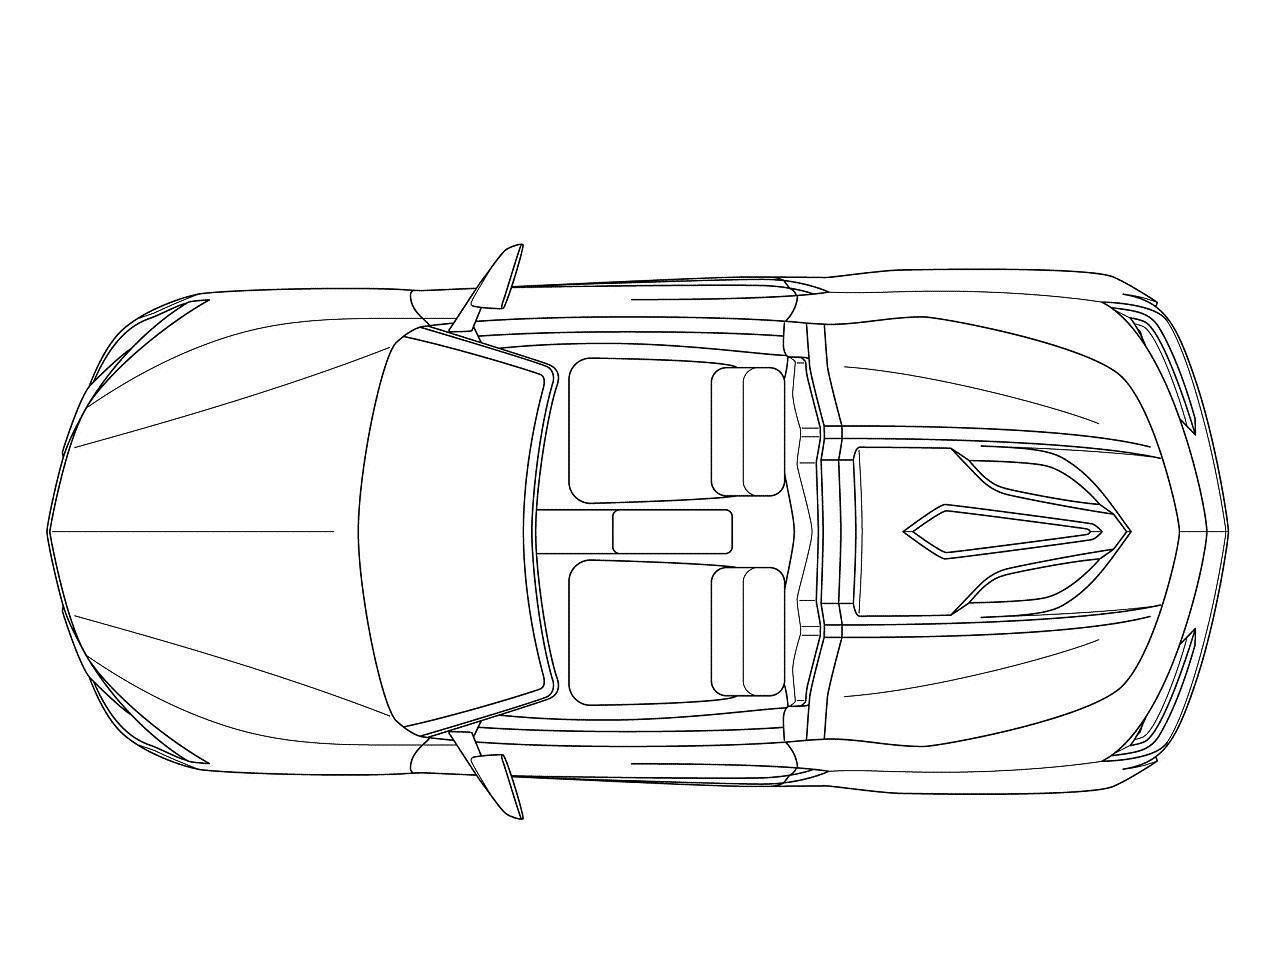 Lamborghini Drawing Pictures At Getdrawings